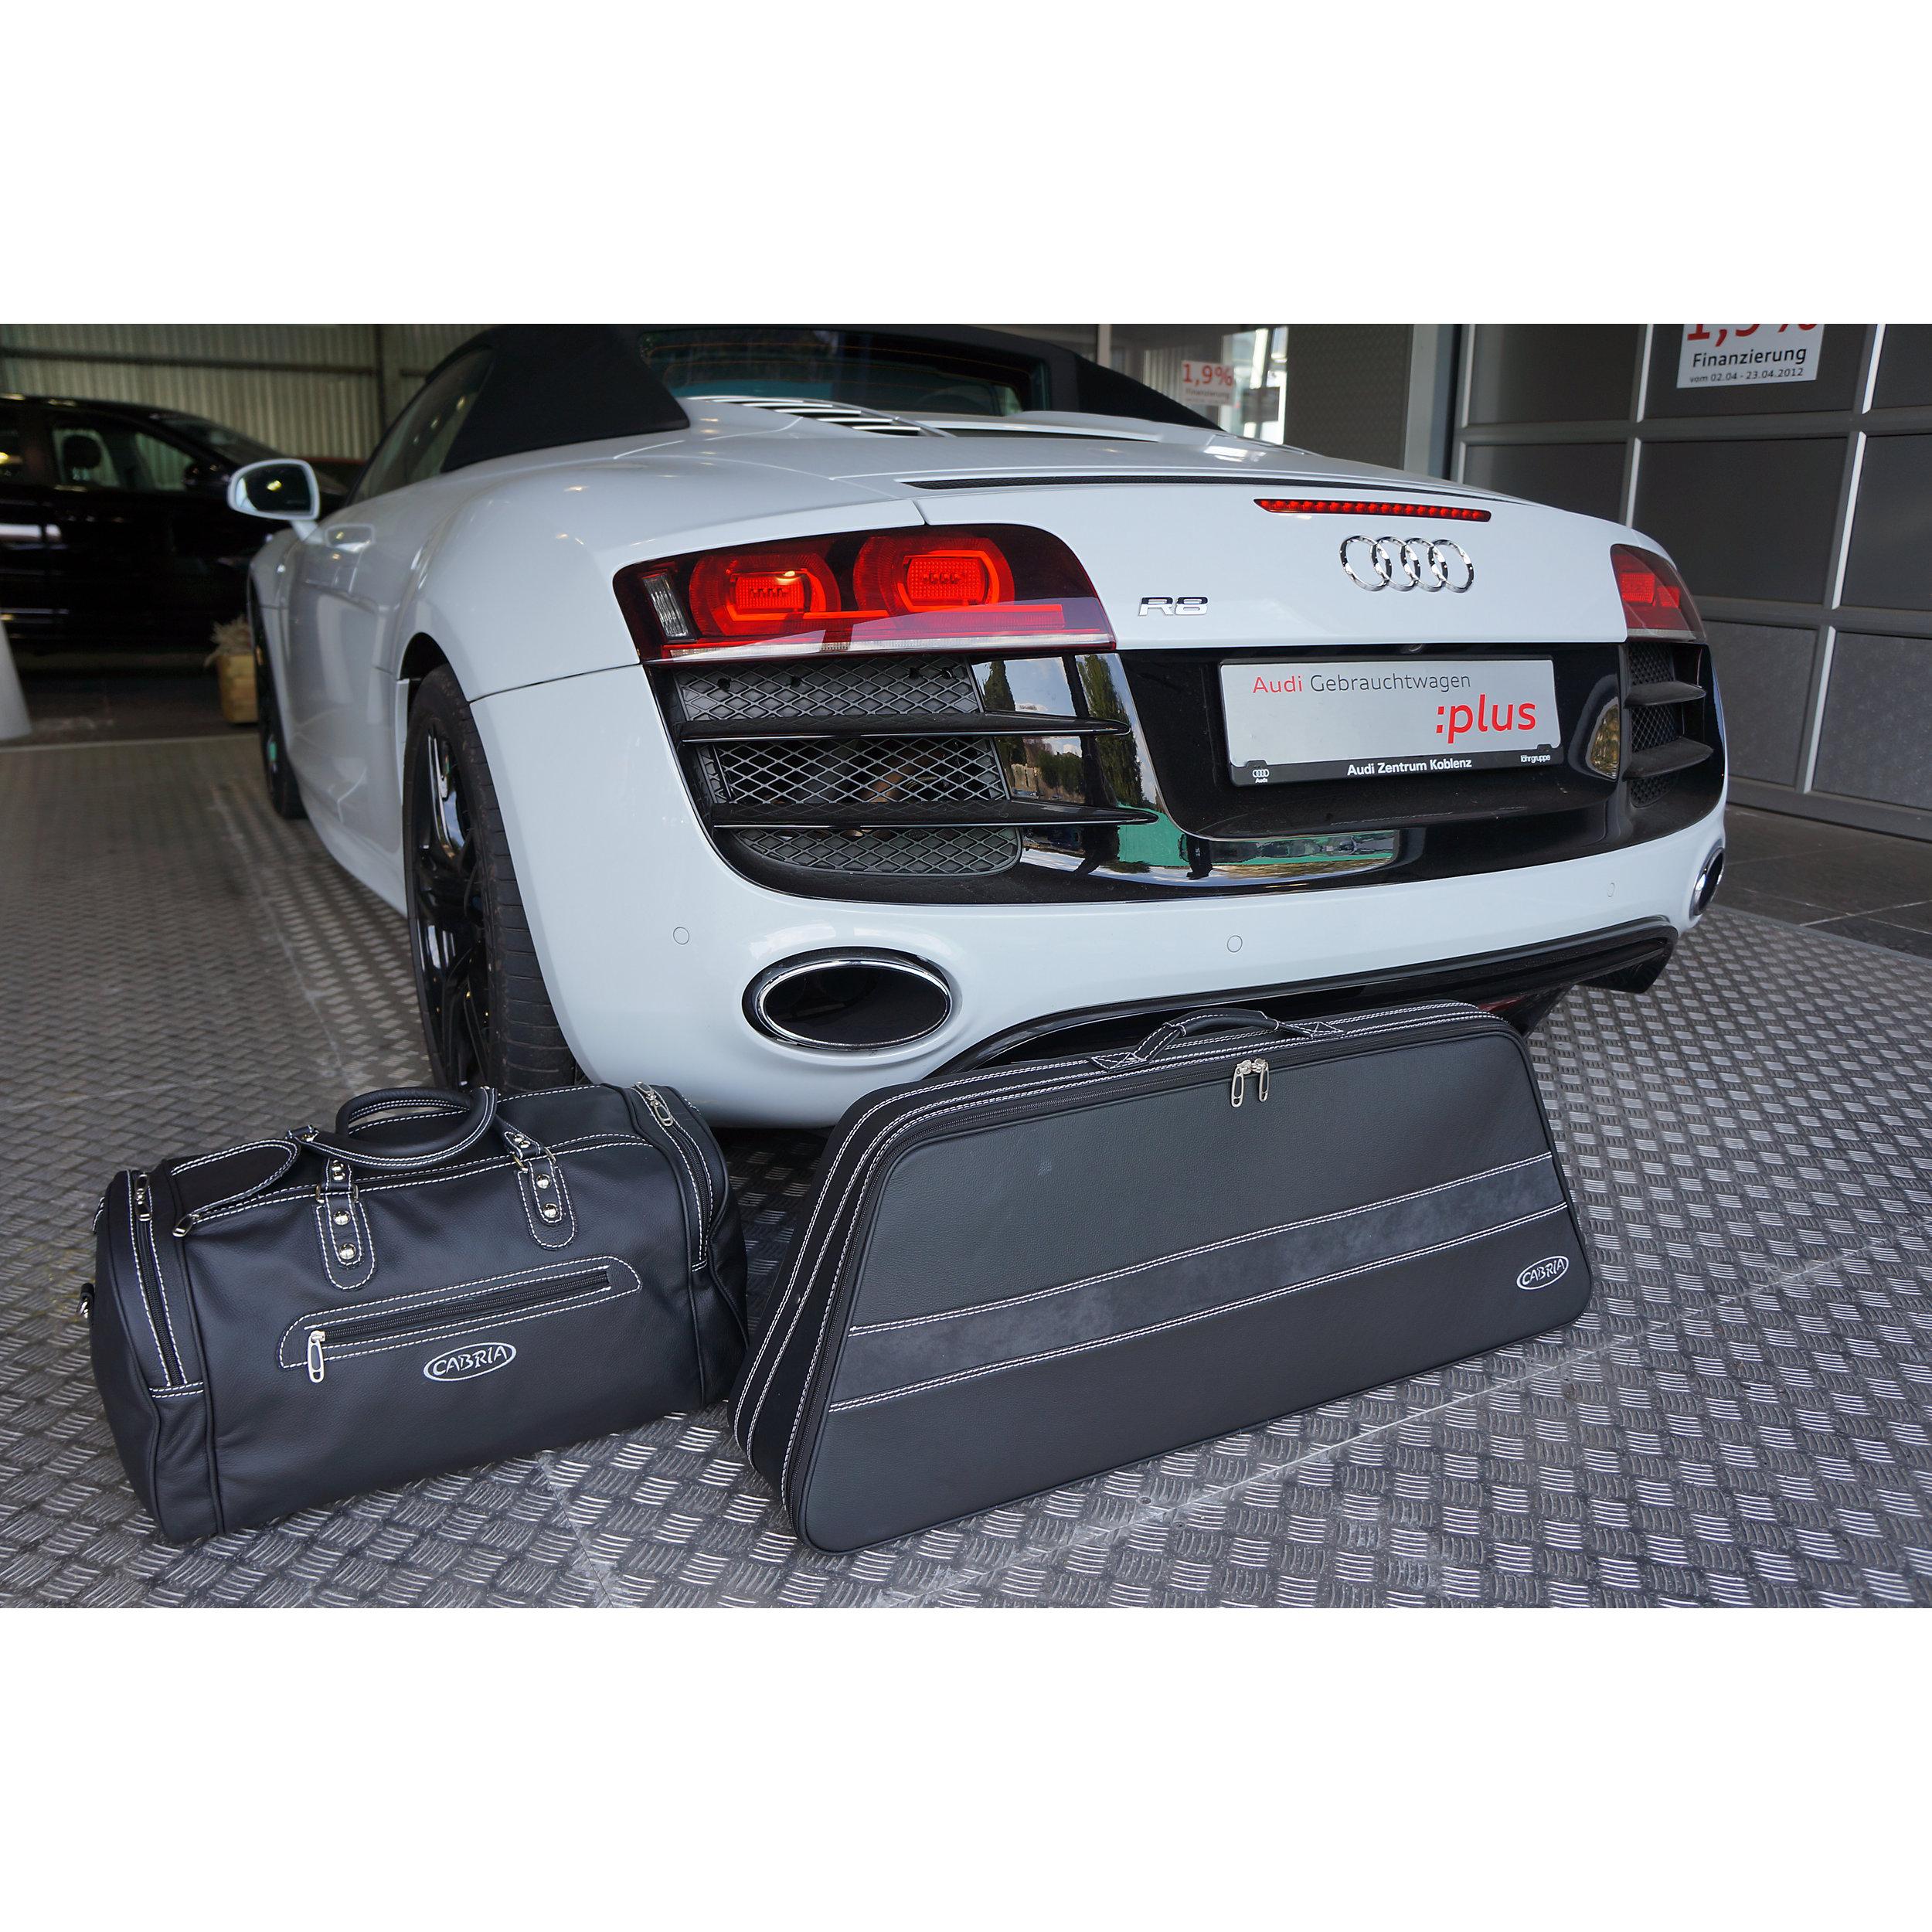 2-tlg. Kofferset Audi R8 Spyder/Roadster 76 Liter